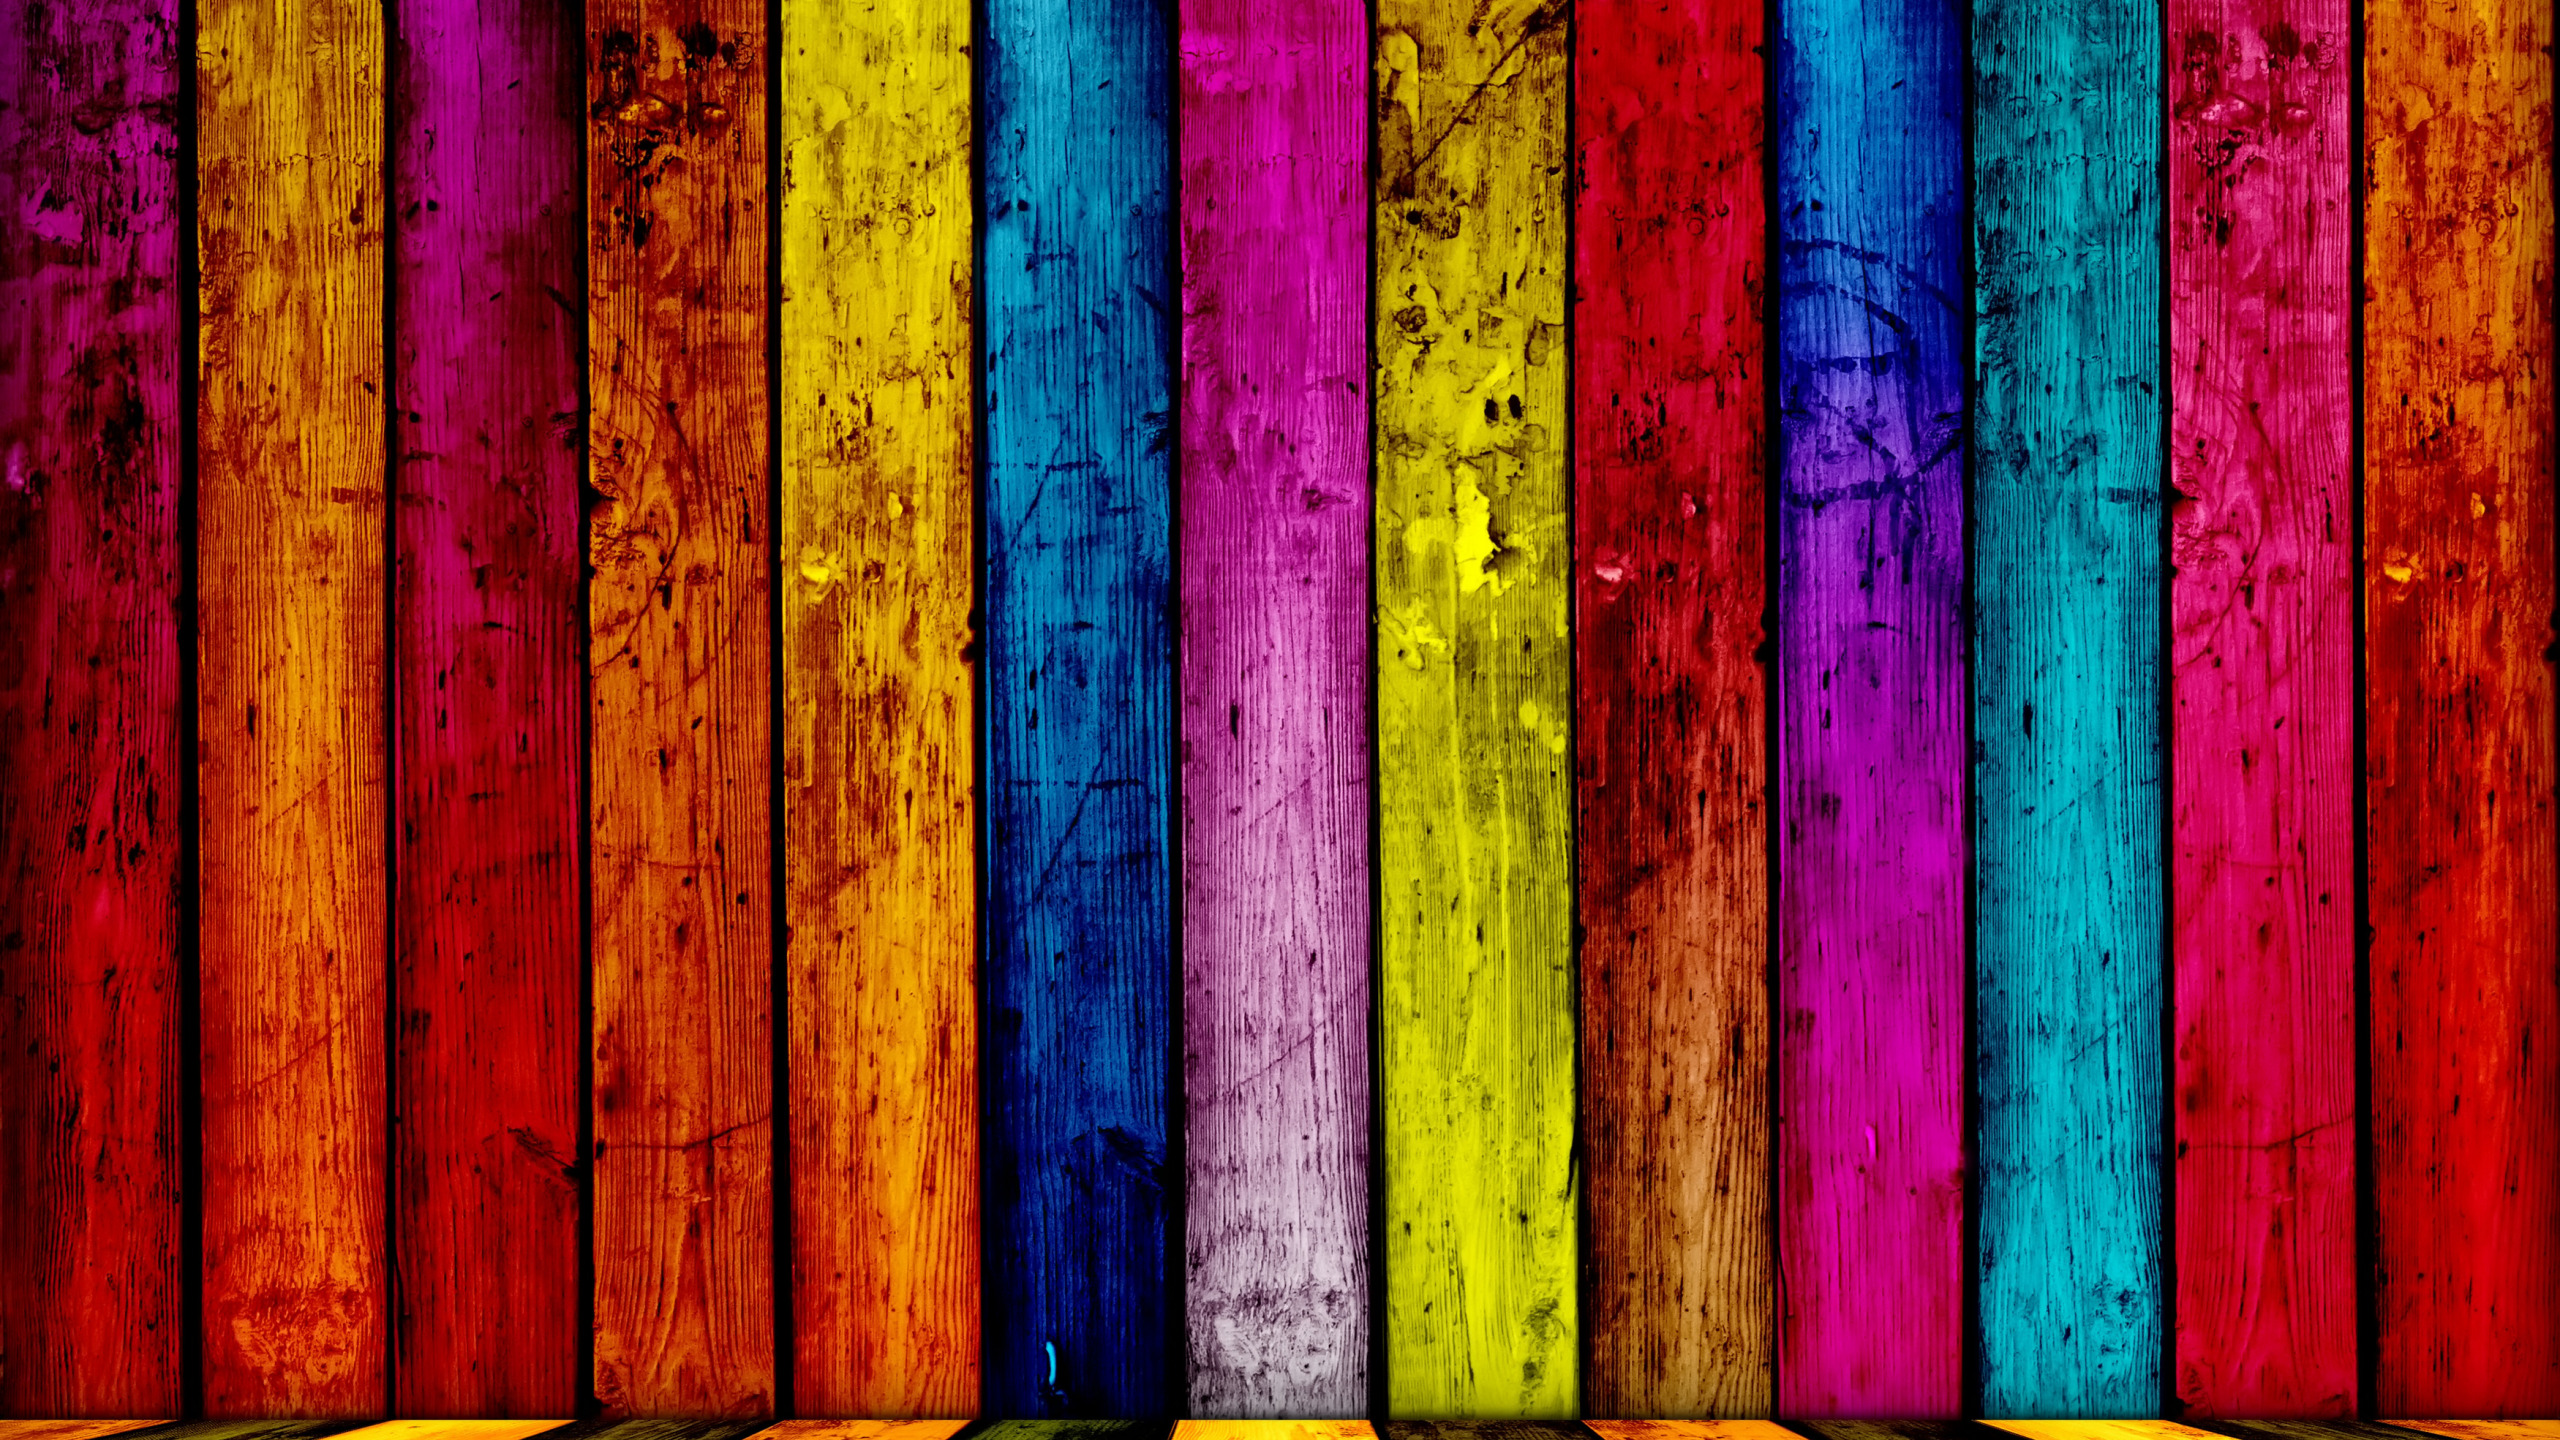 этой картинка разноцветных досок здания выполнен